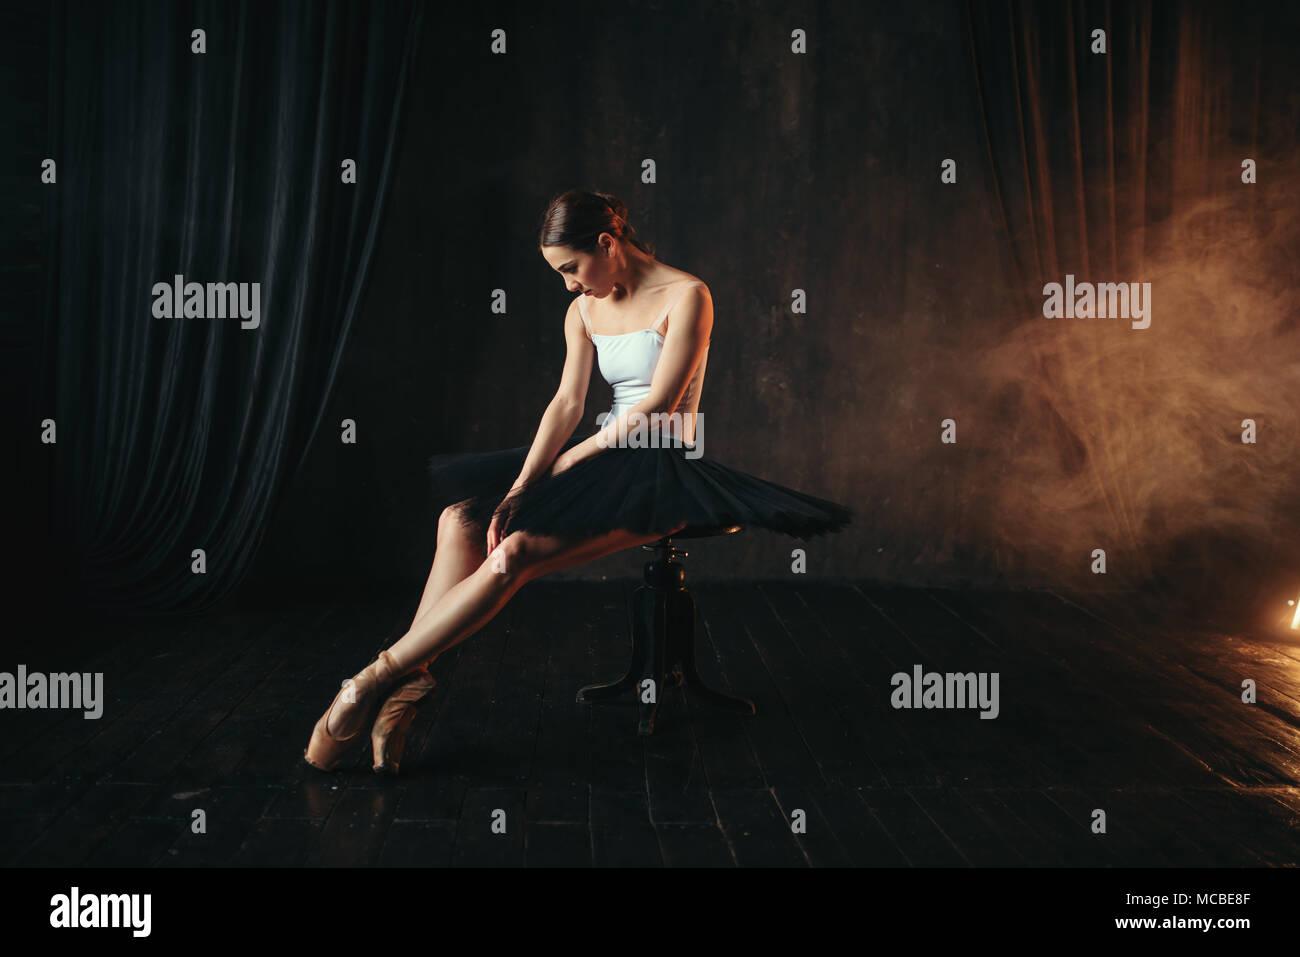 Ballerine assis sur banquette noir Photo Stock